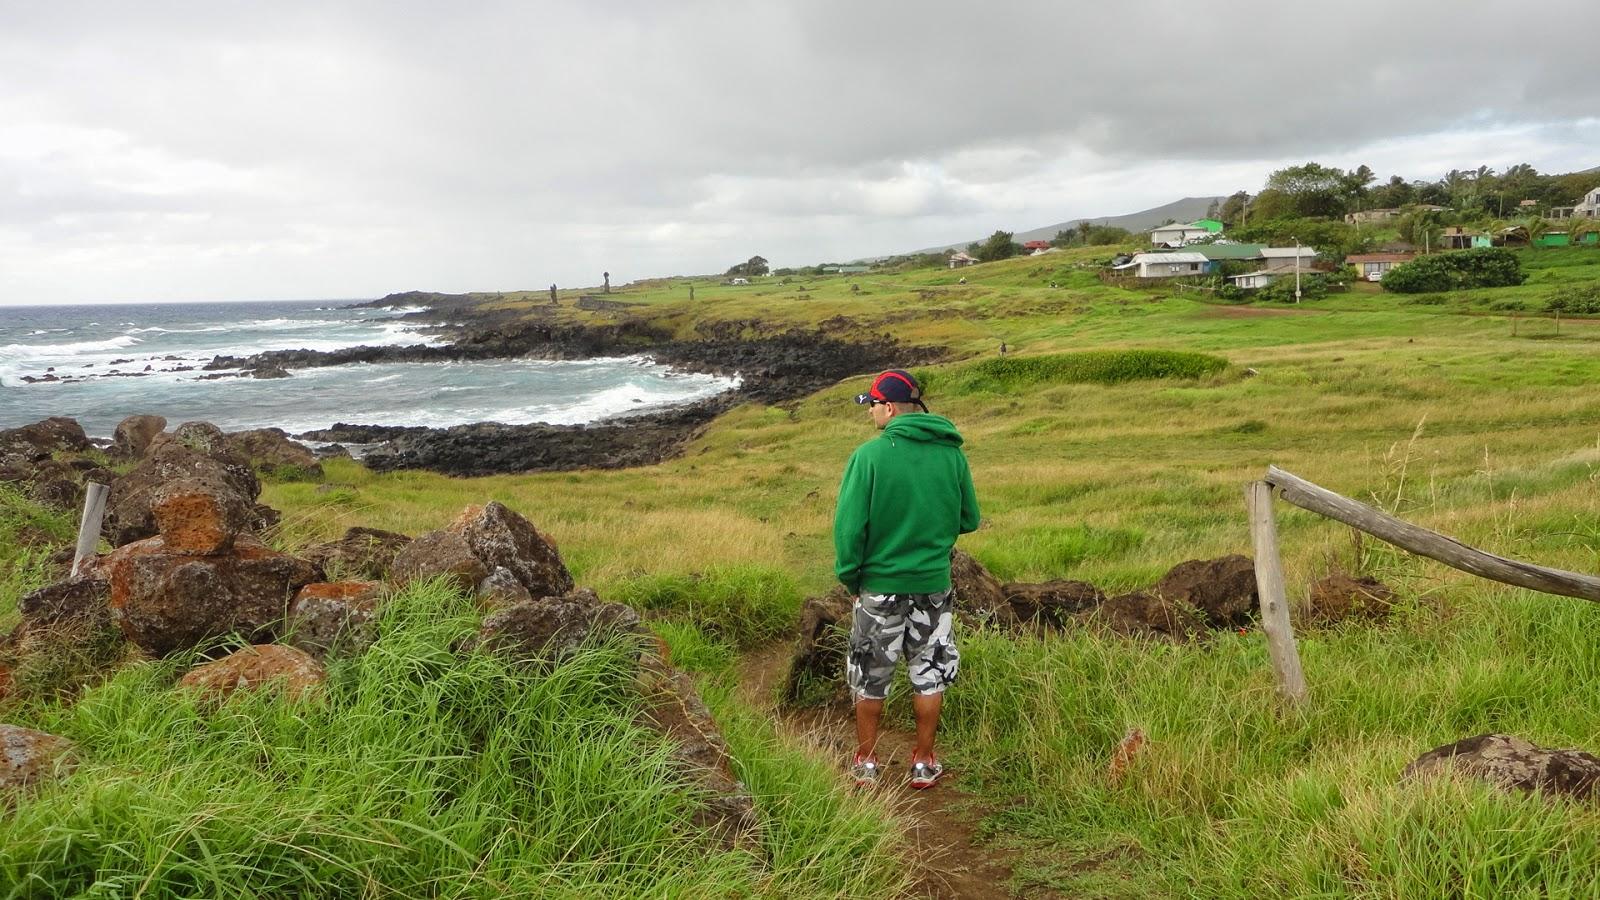 O que levar na mala ao visitar a Ilha de Páscoa?